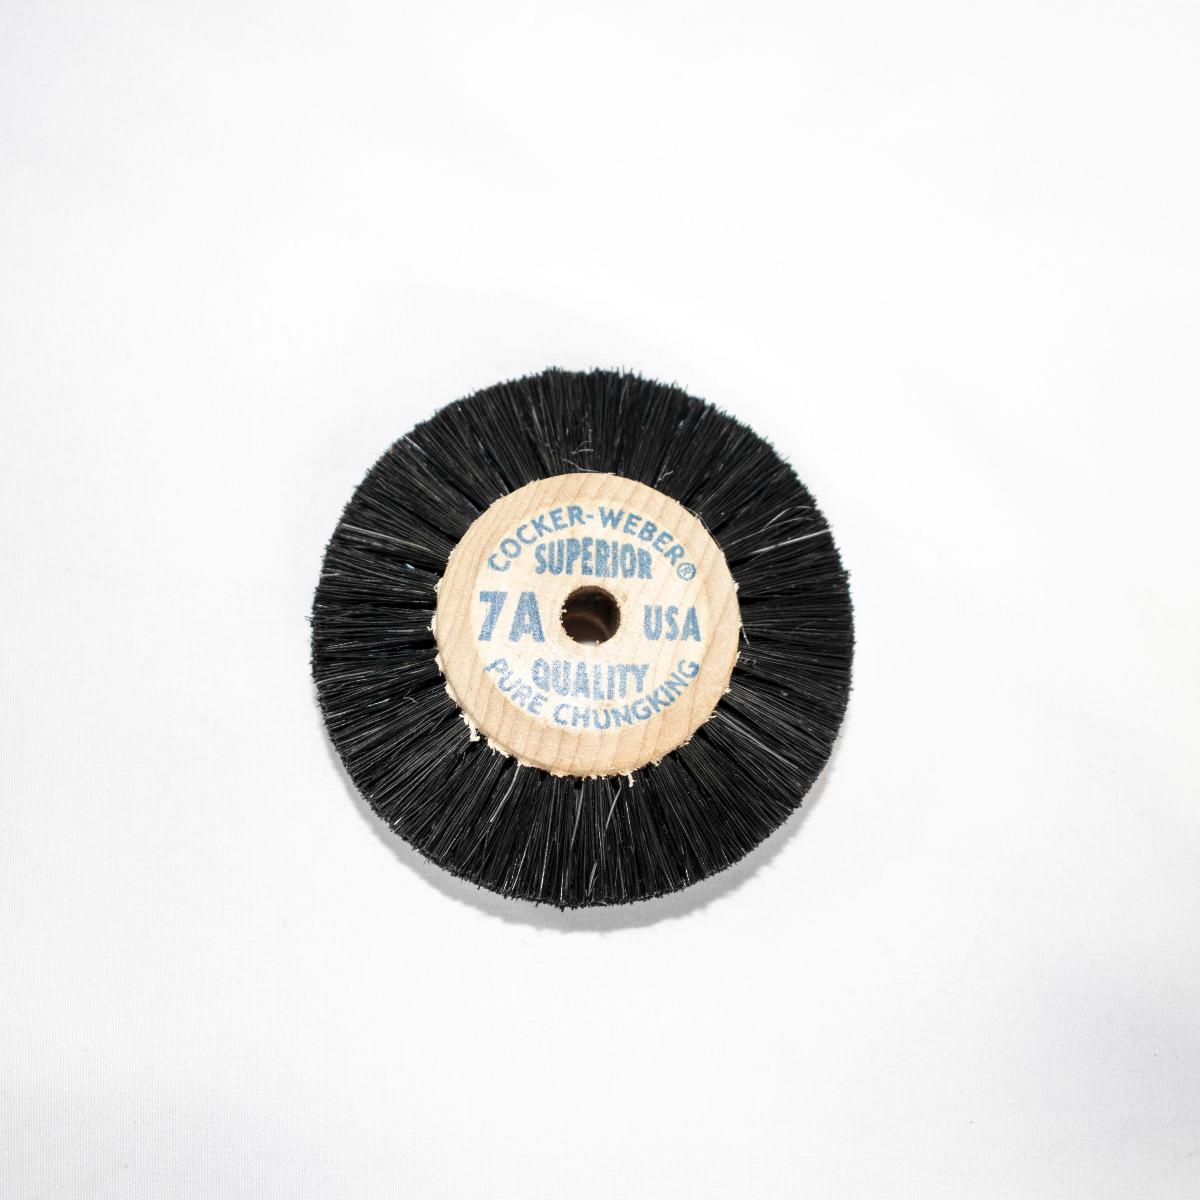 """7-A Blue Label Cocker Weber Brushes, 5/8"""" Trim"""